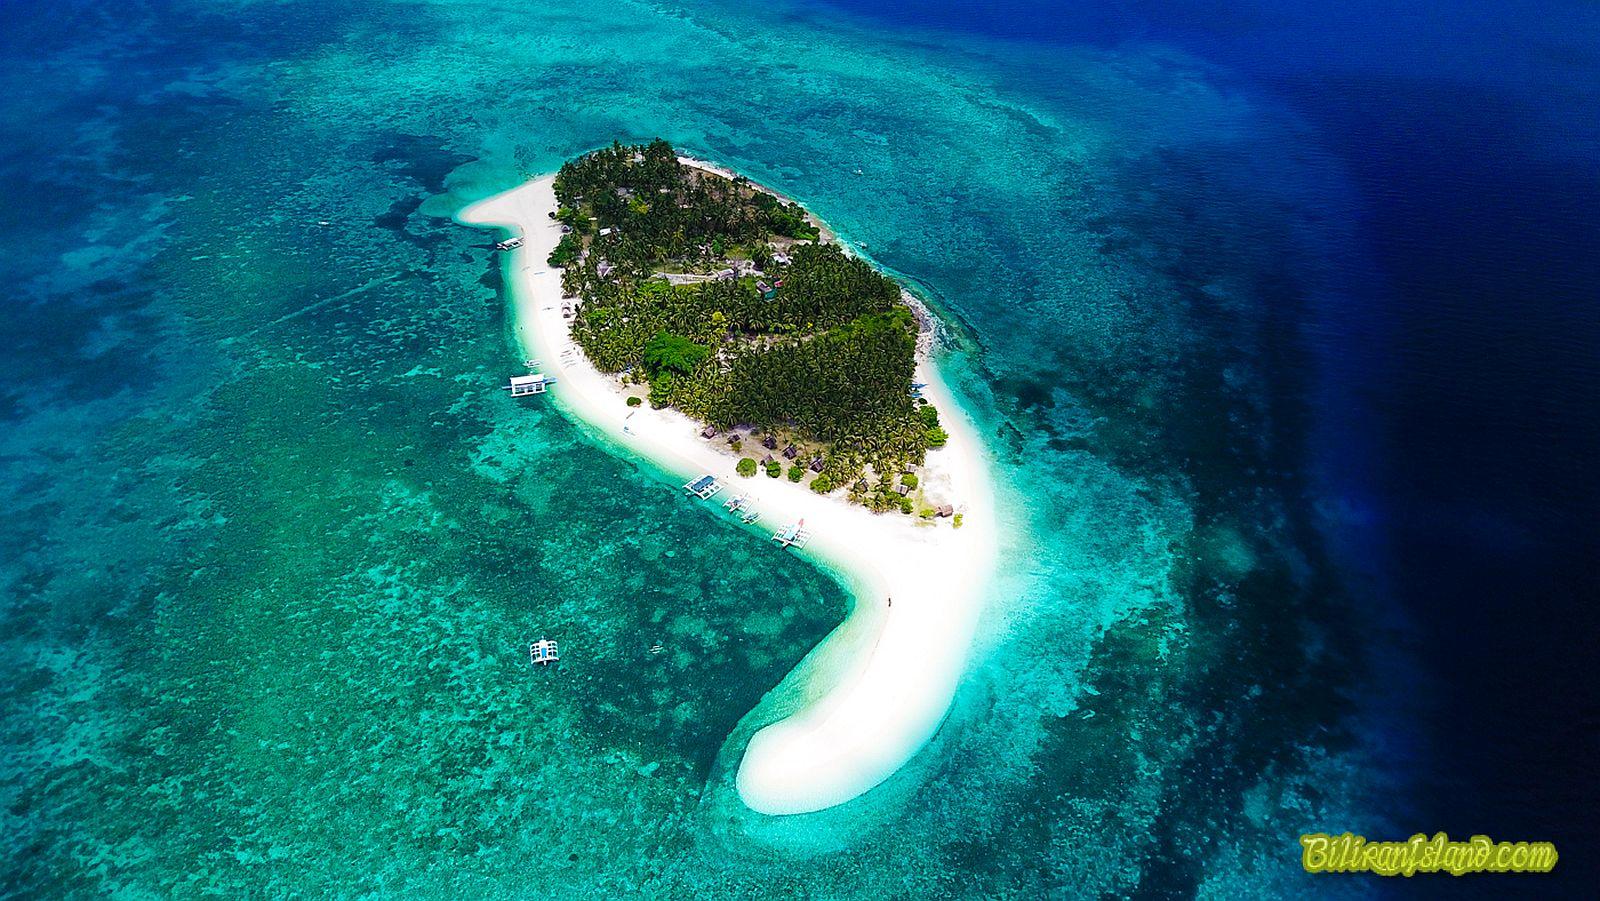 PHILIPPINEN REISEN - INSELN - INSELN DER VISAYAS - Cuatro Islas